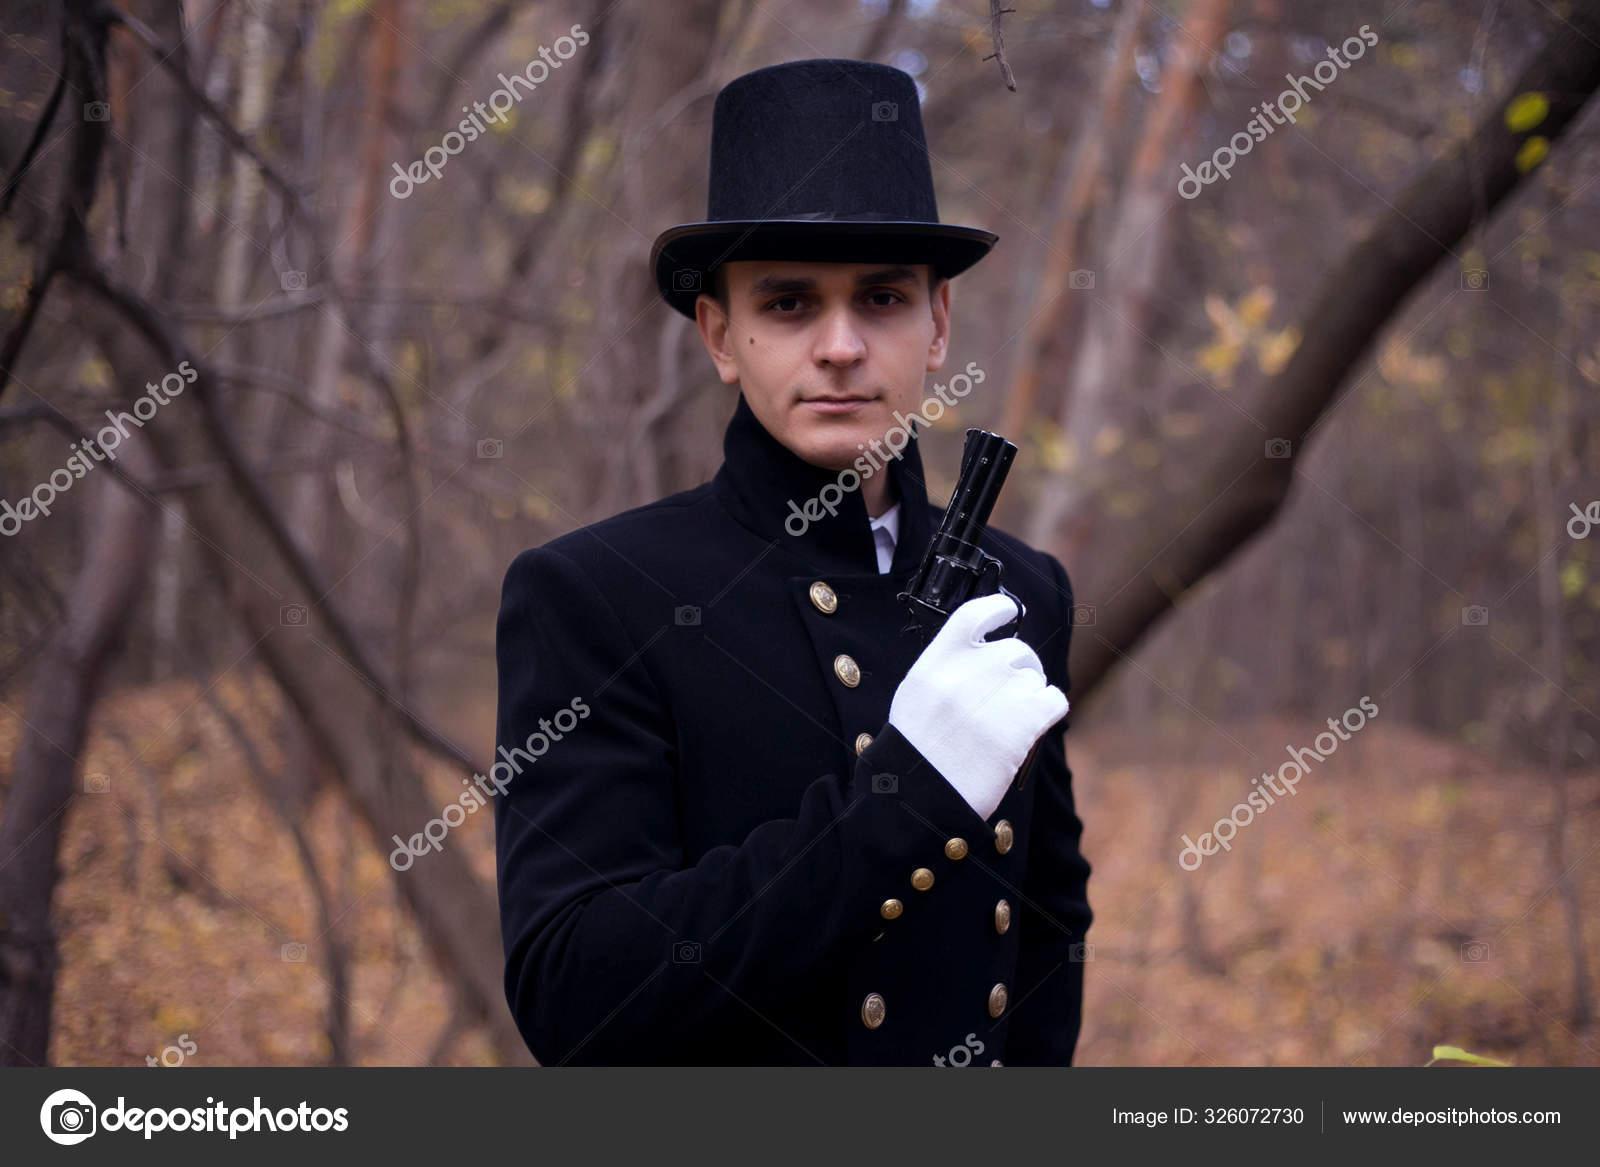 Человек Пистолетом Одежде Девятнадцатого Века Мрачном Лесу ...